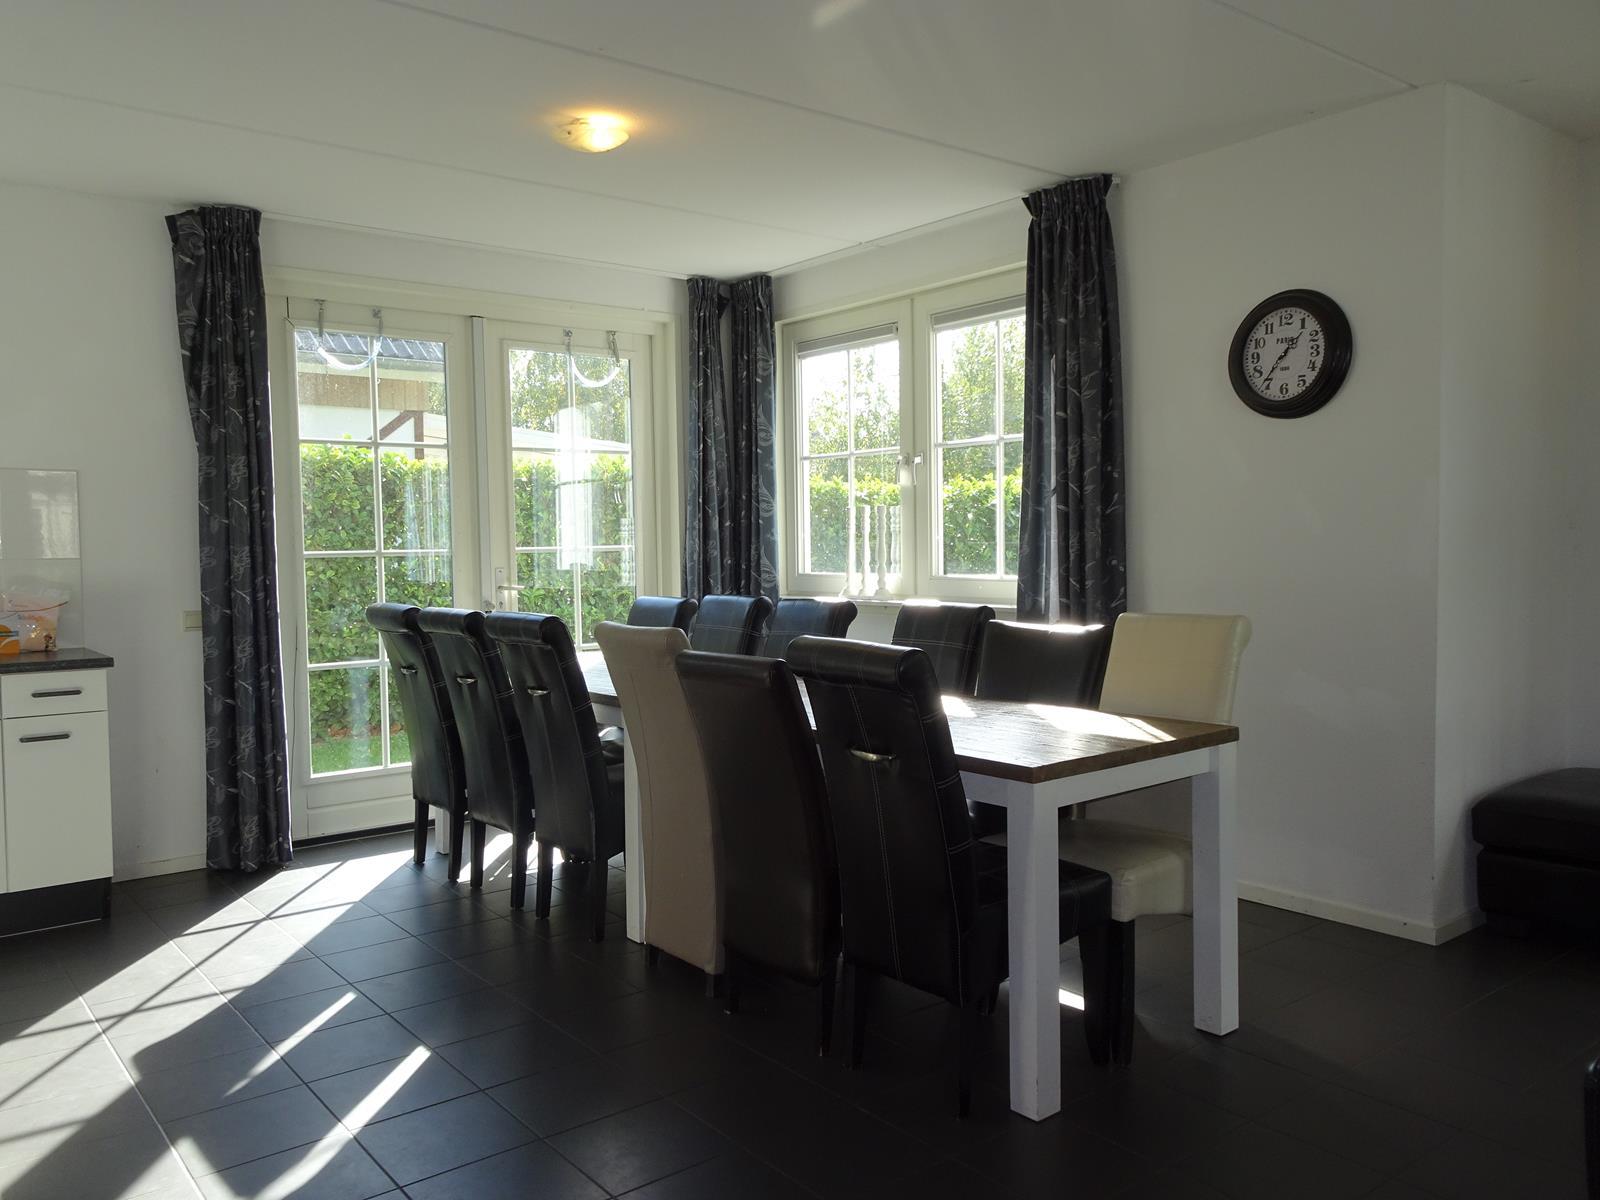 Vakantiehuis te koop Susteren Limburg 808 013.jpg